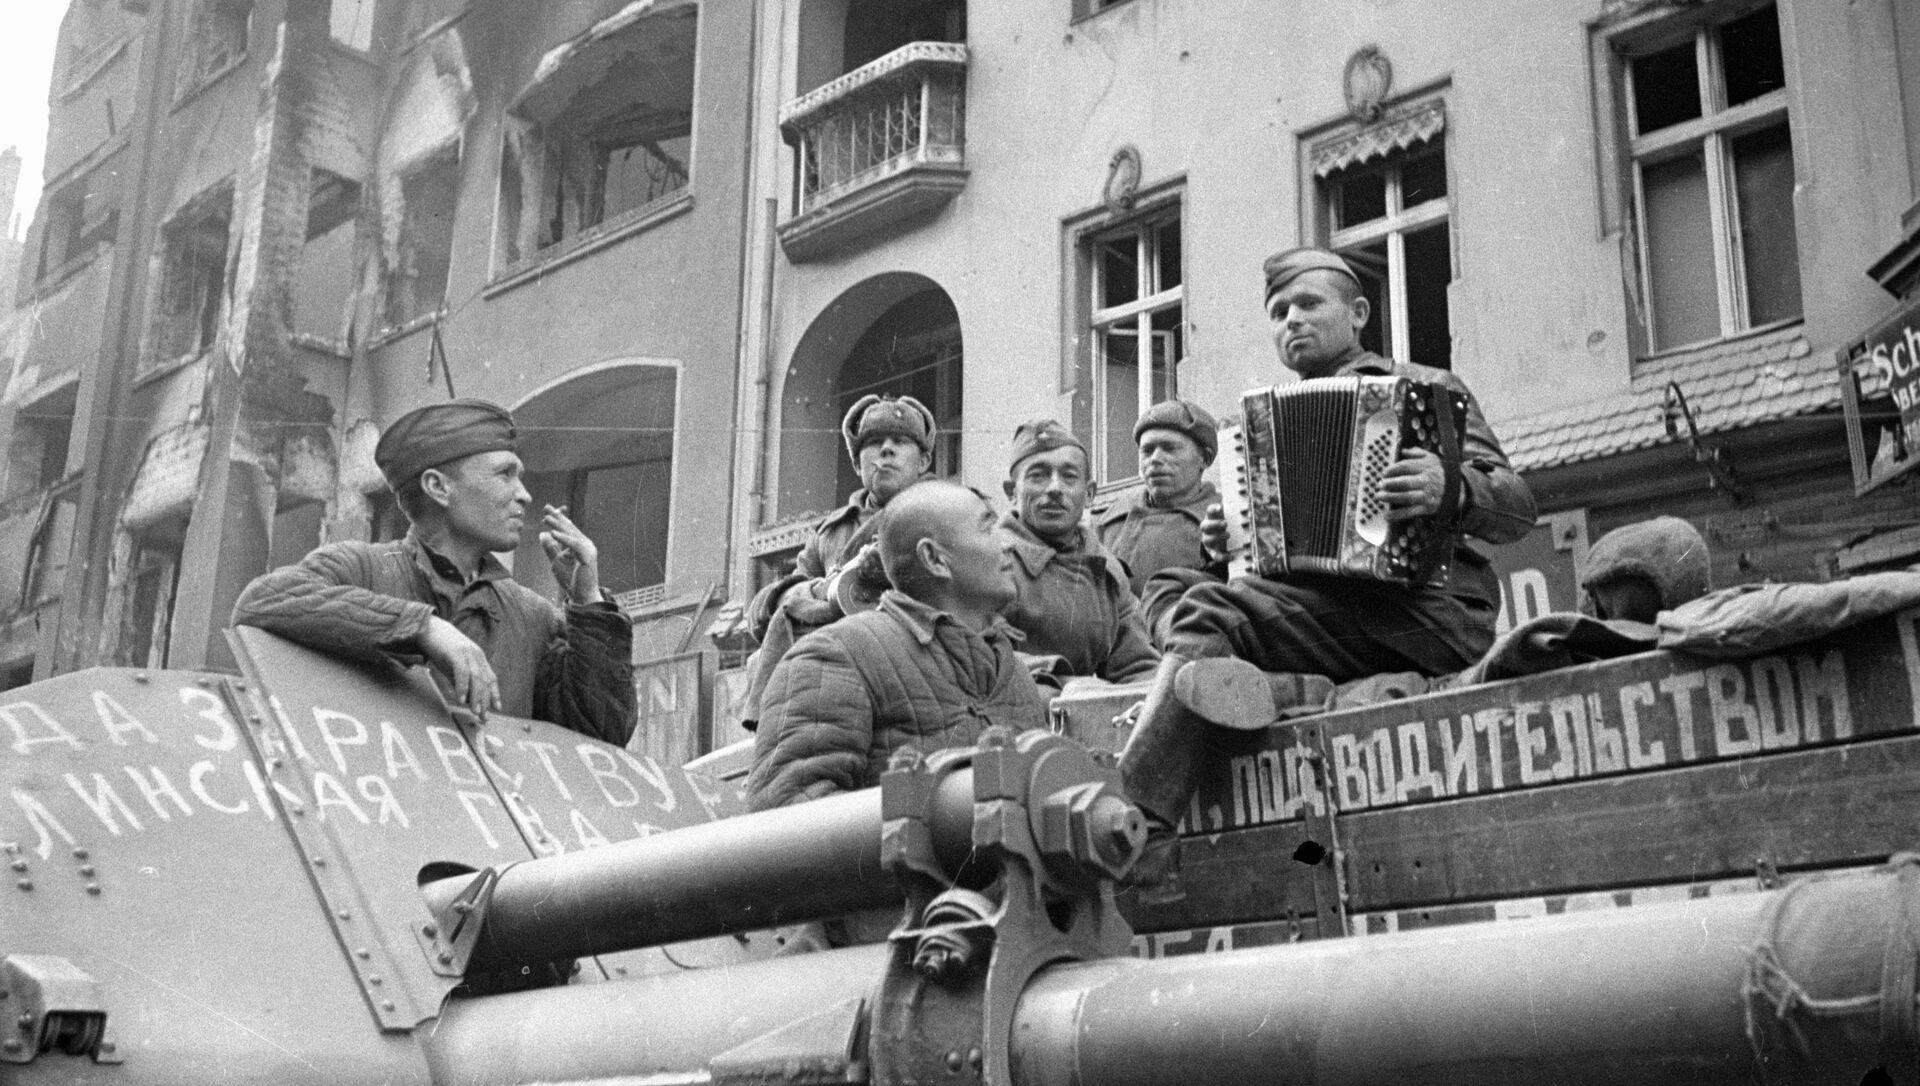 Żołnierze radzieccy słuchają akordeonu na ulicach Berlina, 1945 rok - Sputnik Polska, 1920, 30.04.2021